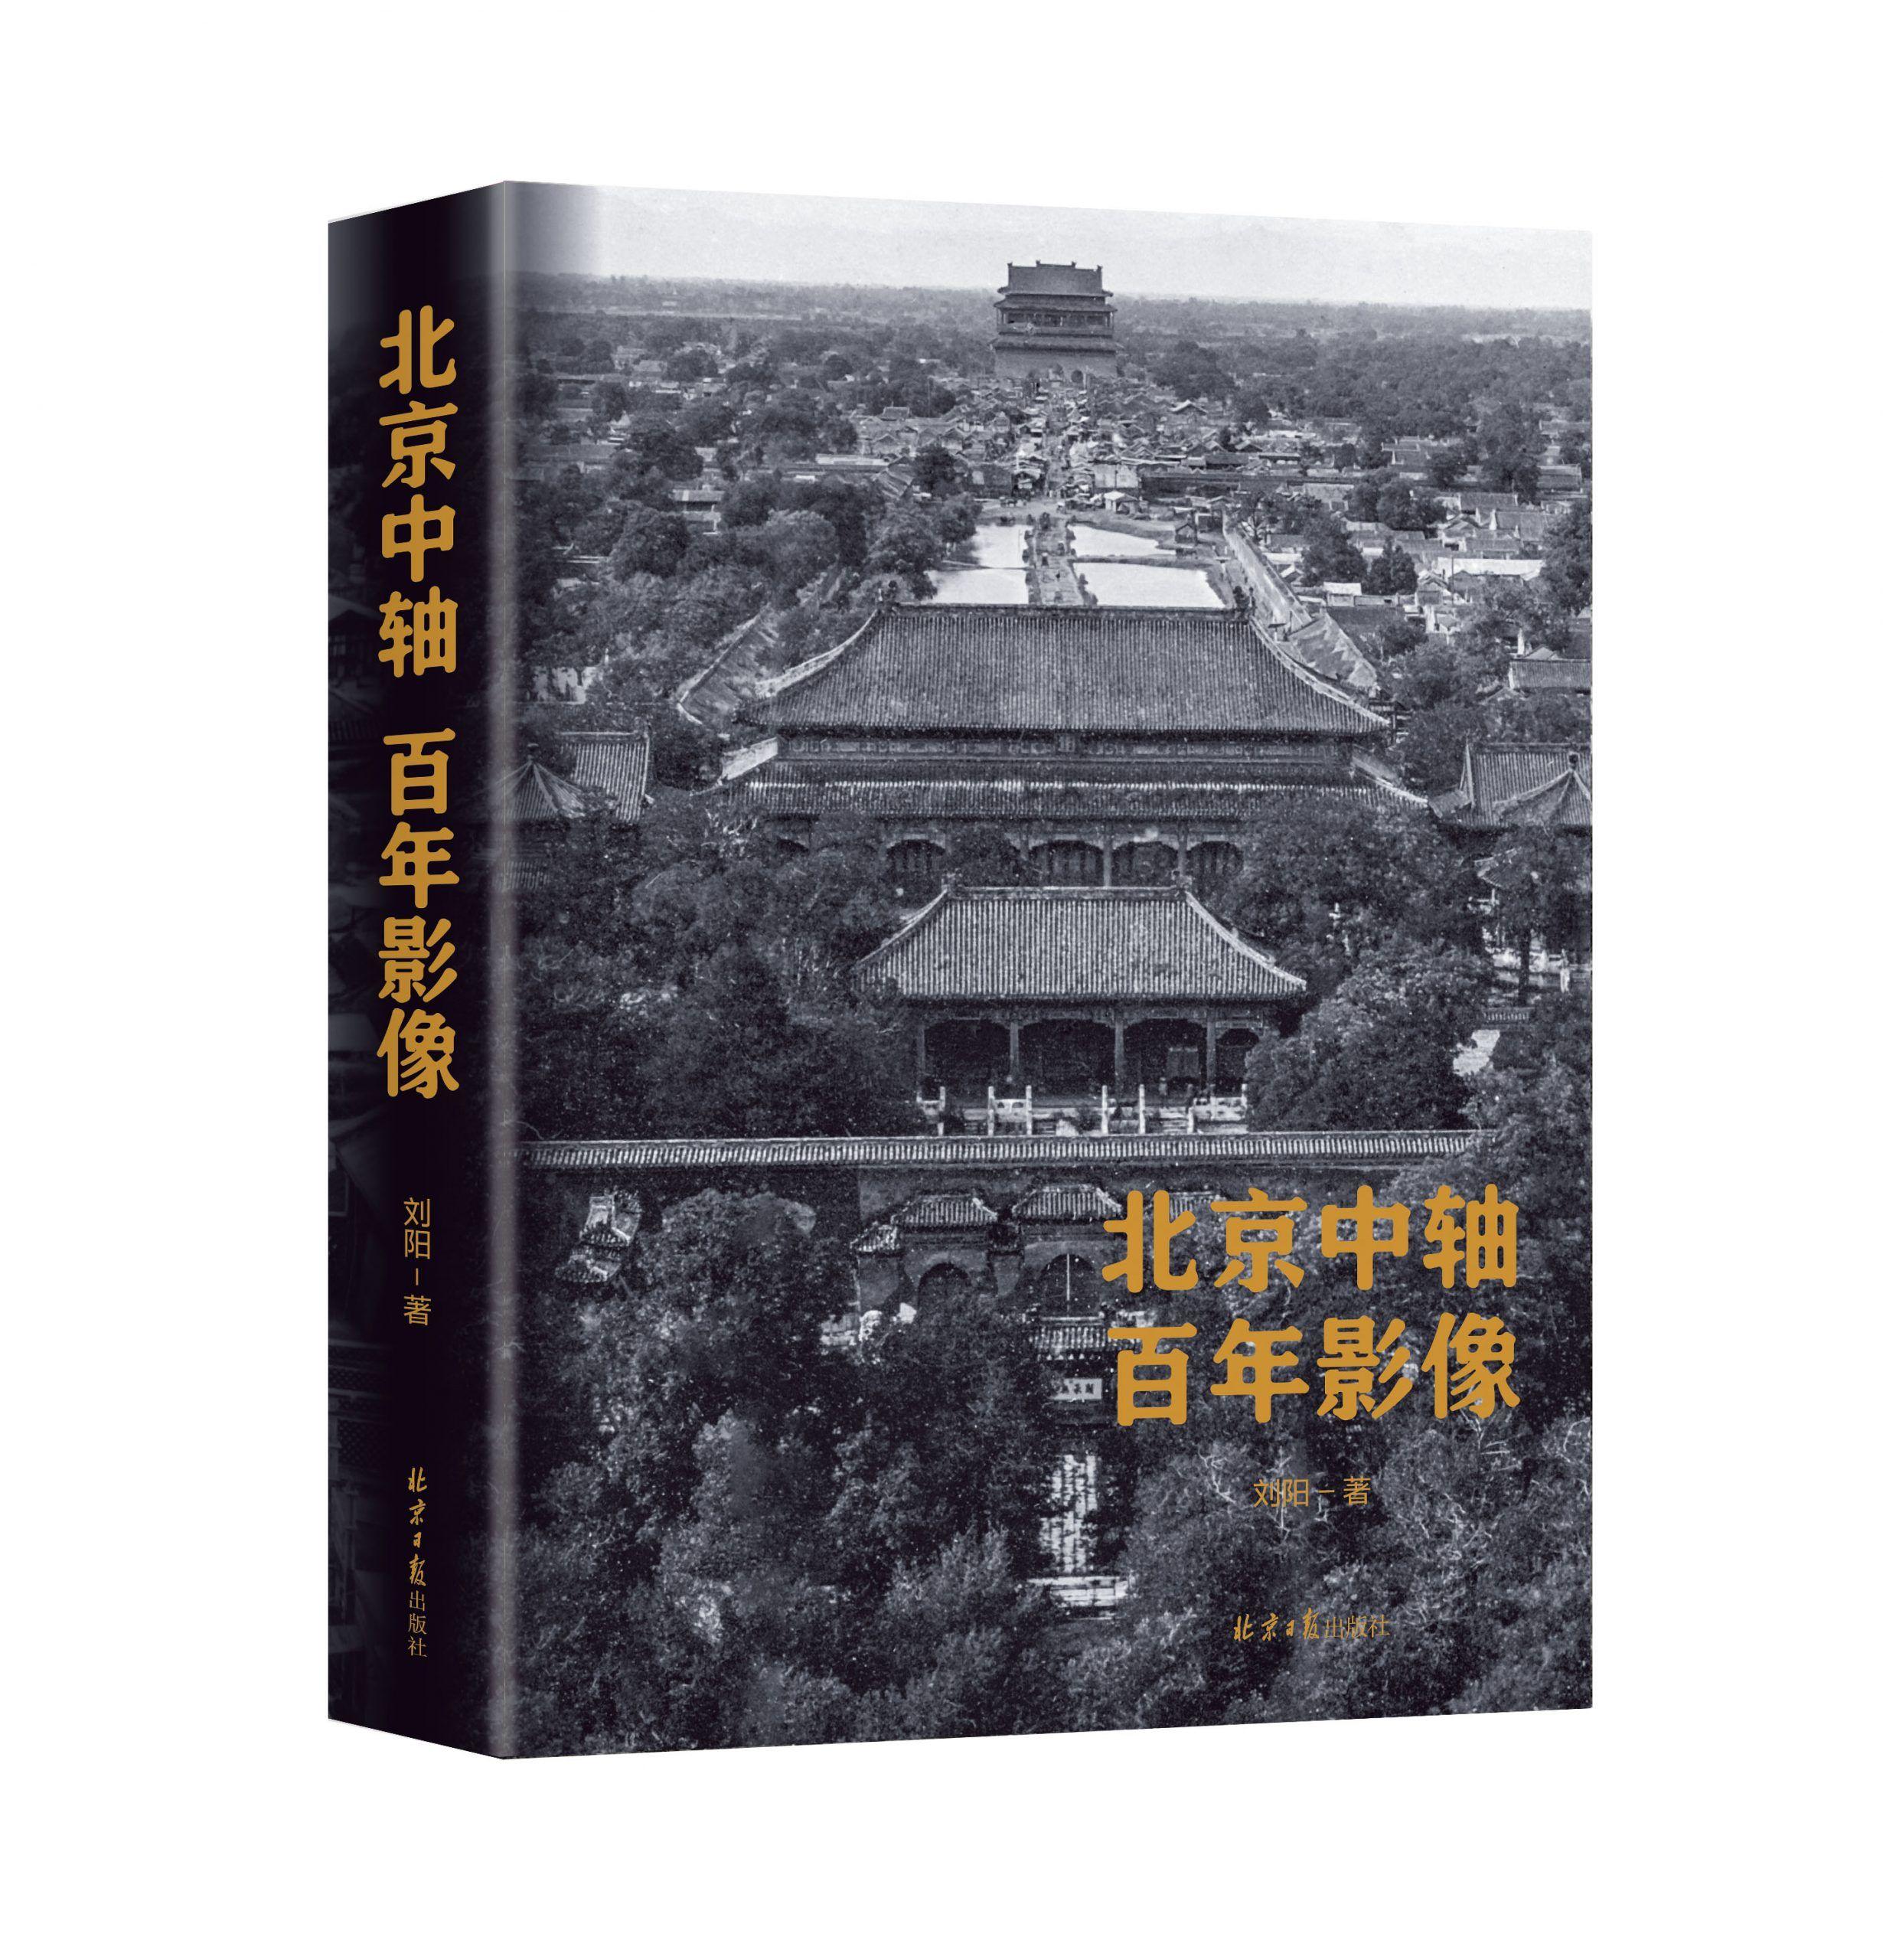 《北京中轴百年影像》出版,用700余张百年前的老照片讲述北京历史-出版人杂志官网